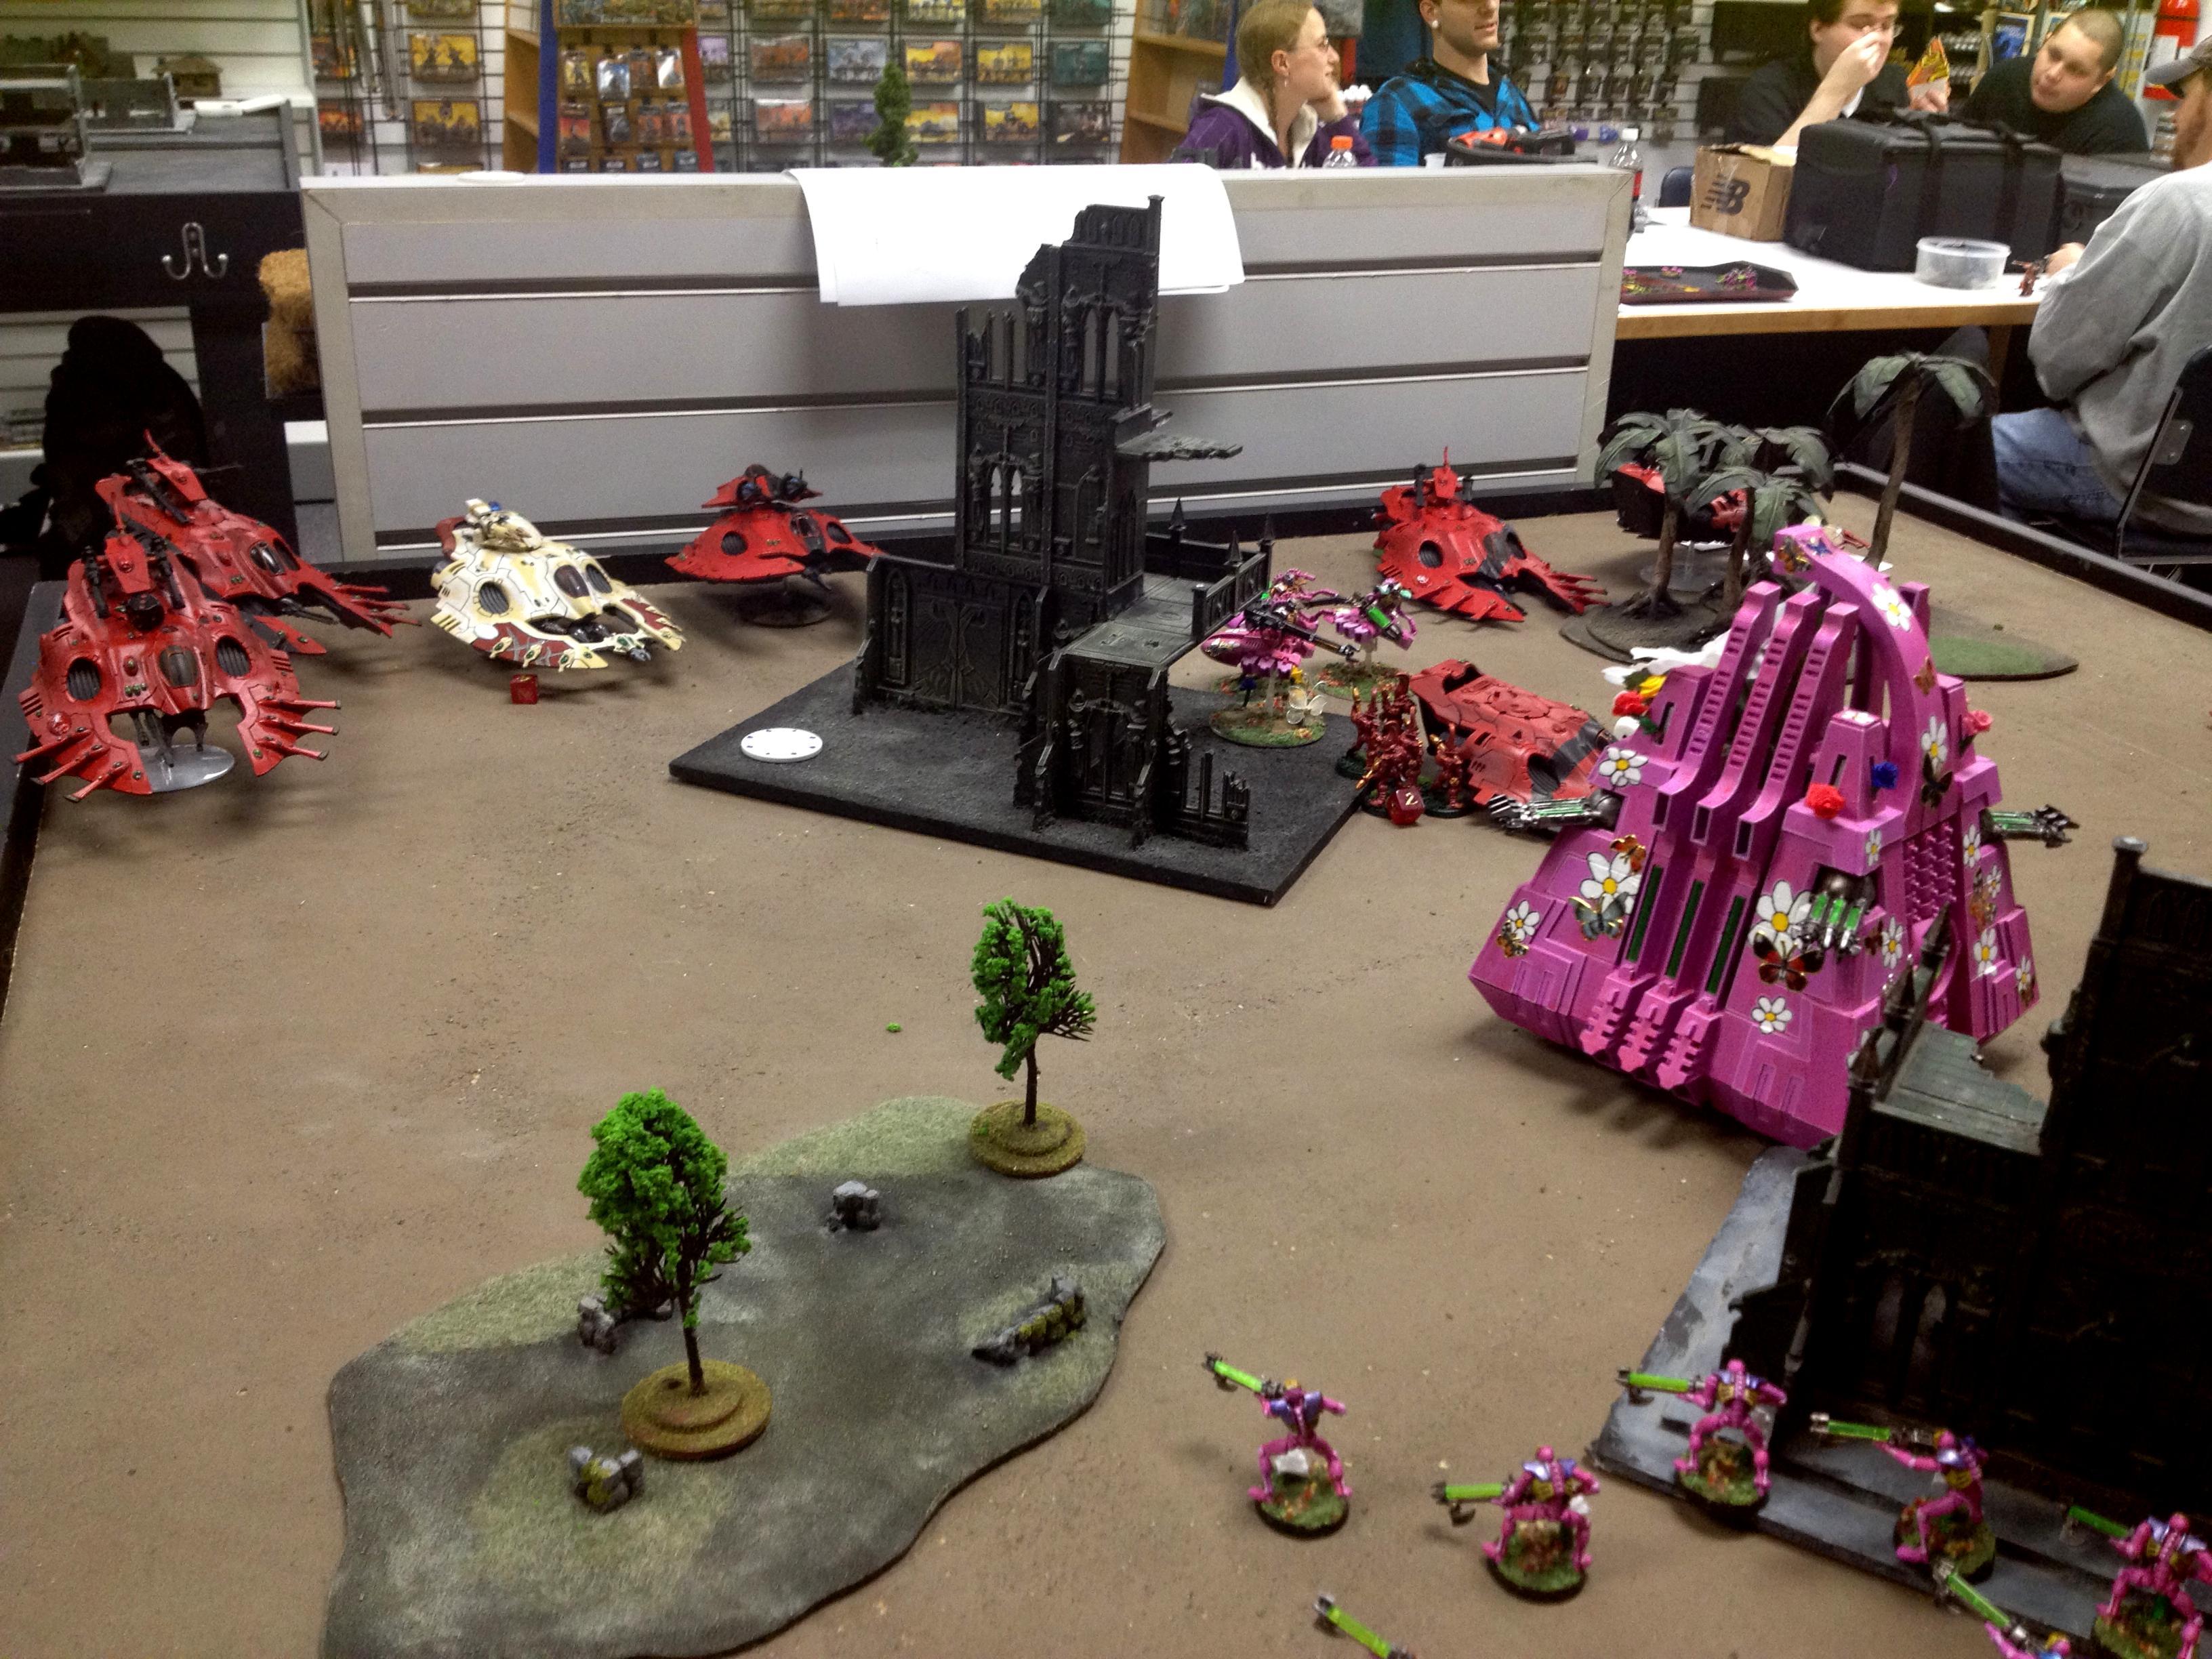 Break, Eldar, Game Table, Girlie, Necrons, Pink, Table Top